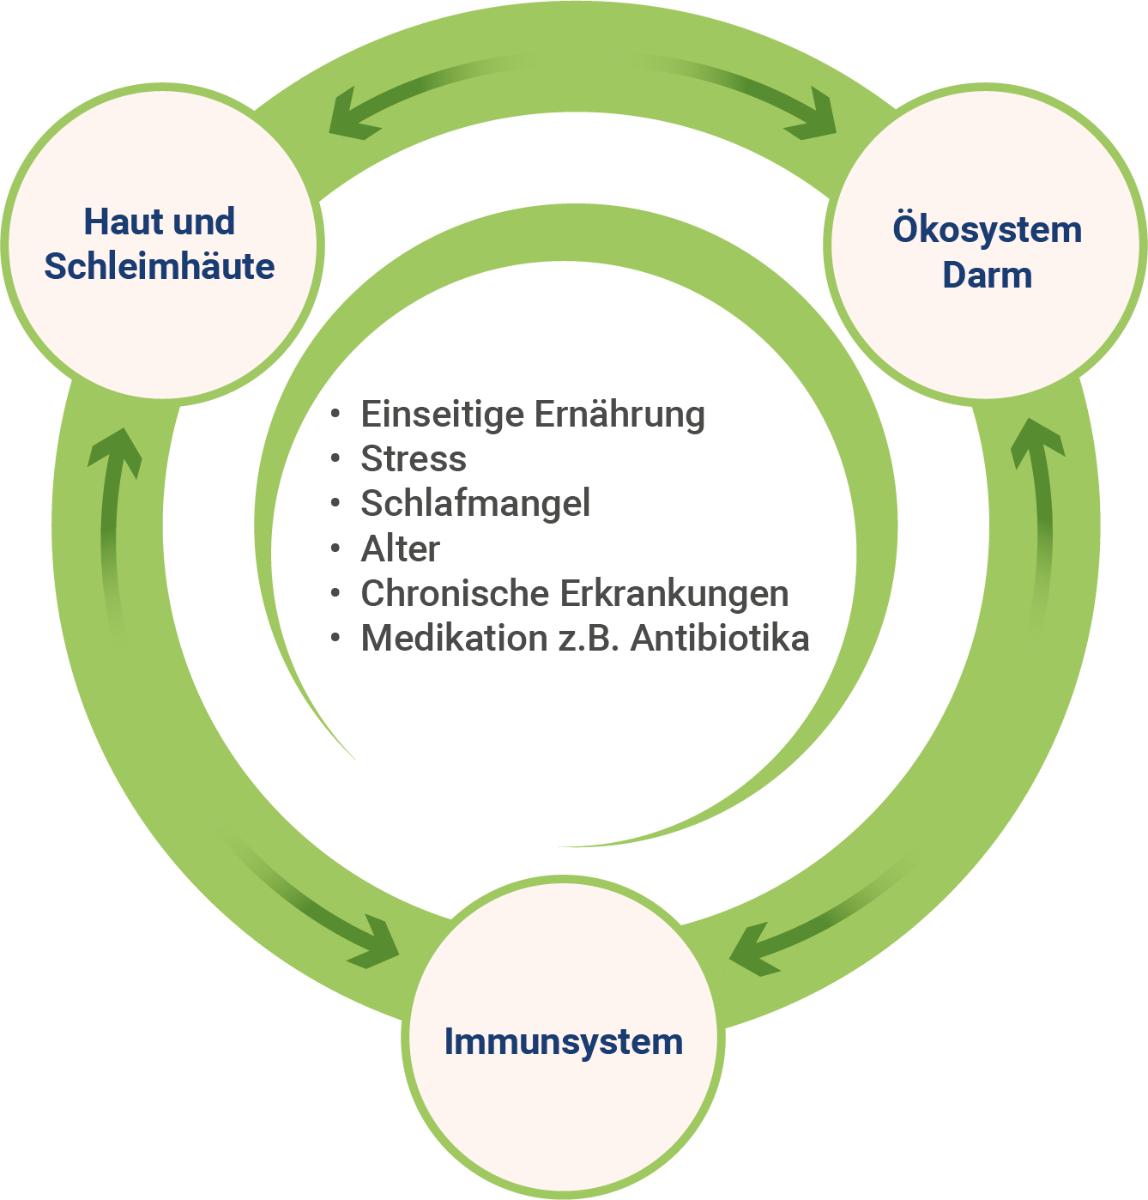 schwaches-immunsystem-ursachen